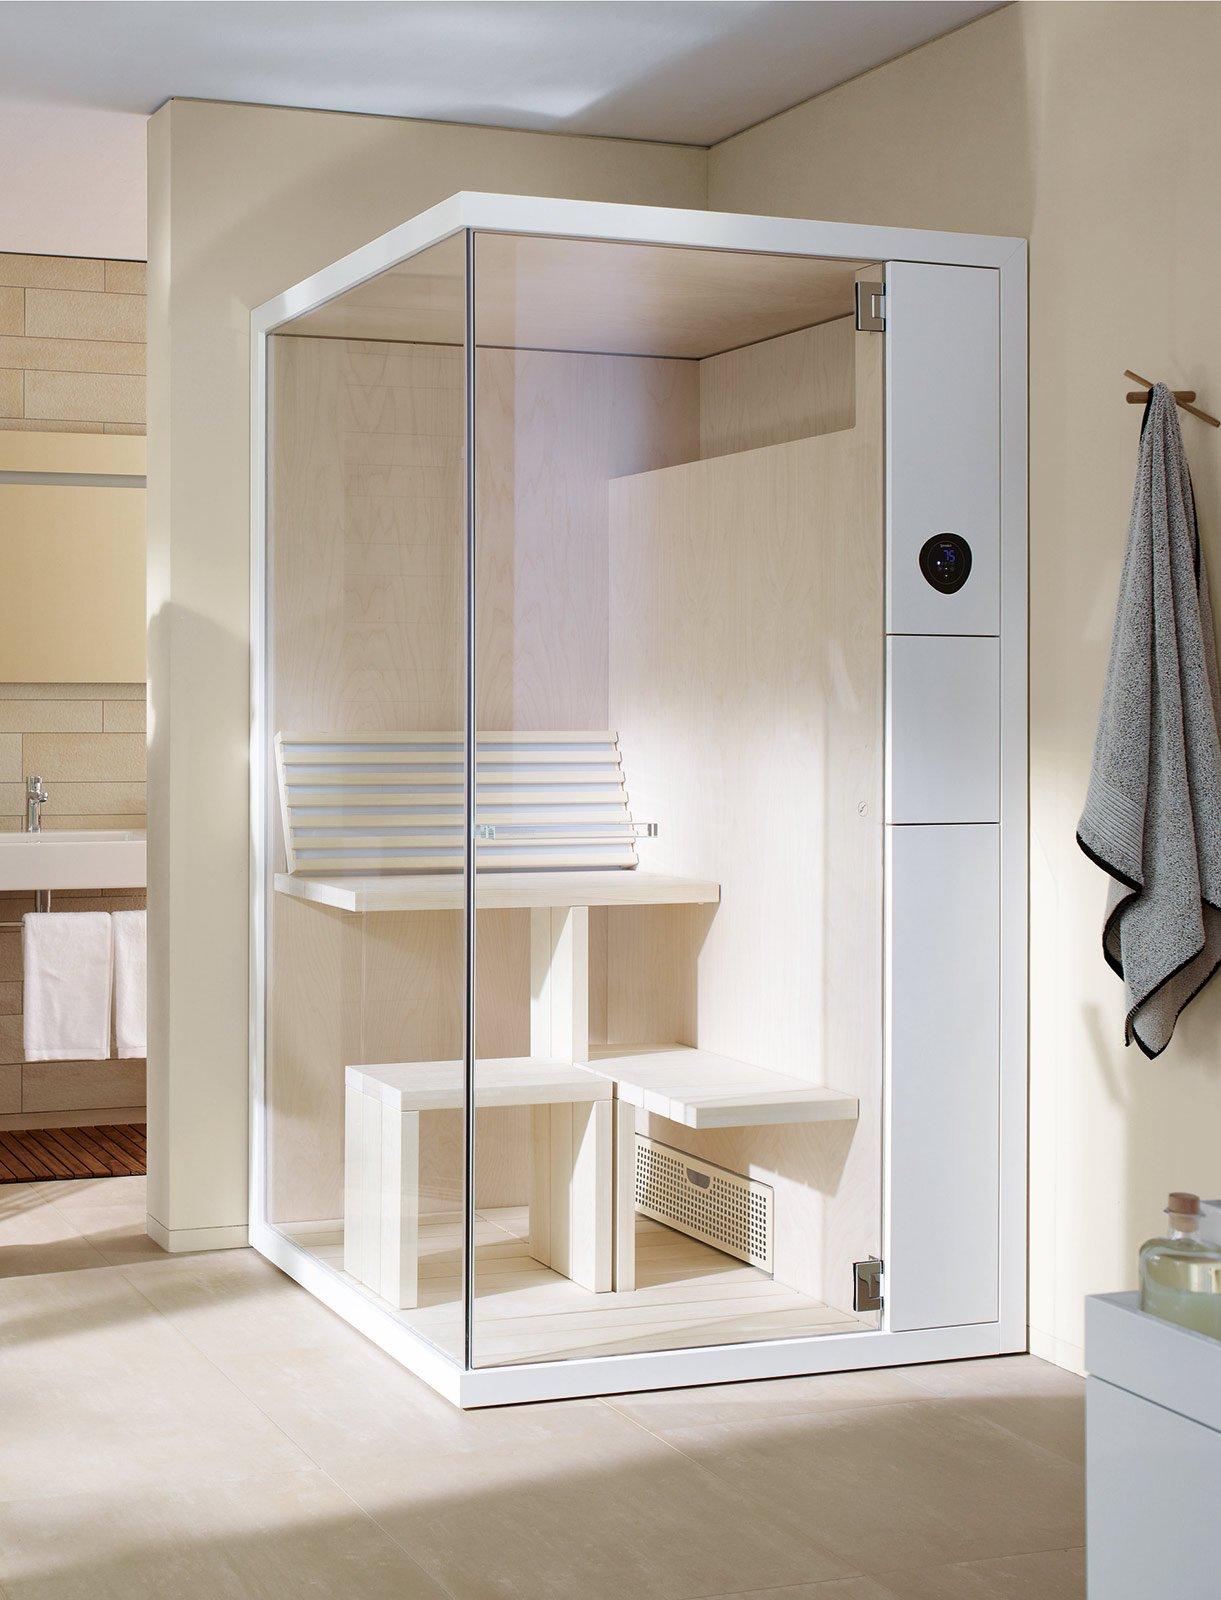 Saune anche su misura cose di casa - Bagno finlandese ...